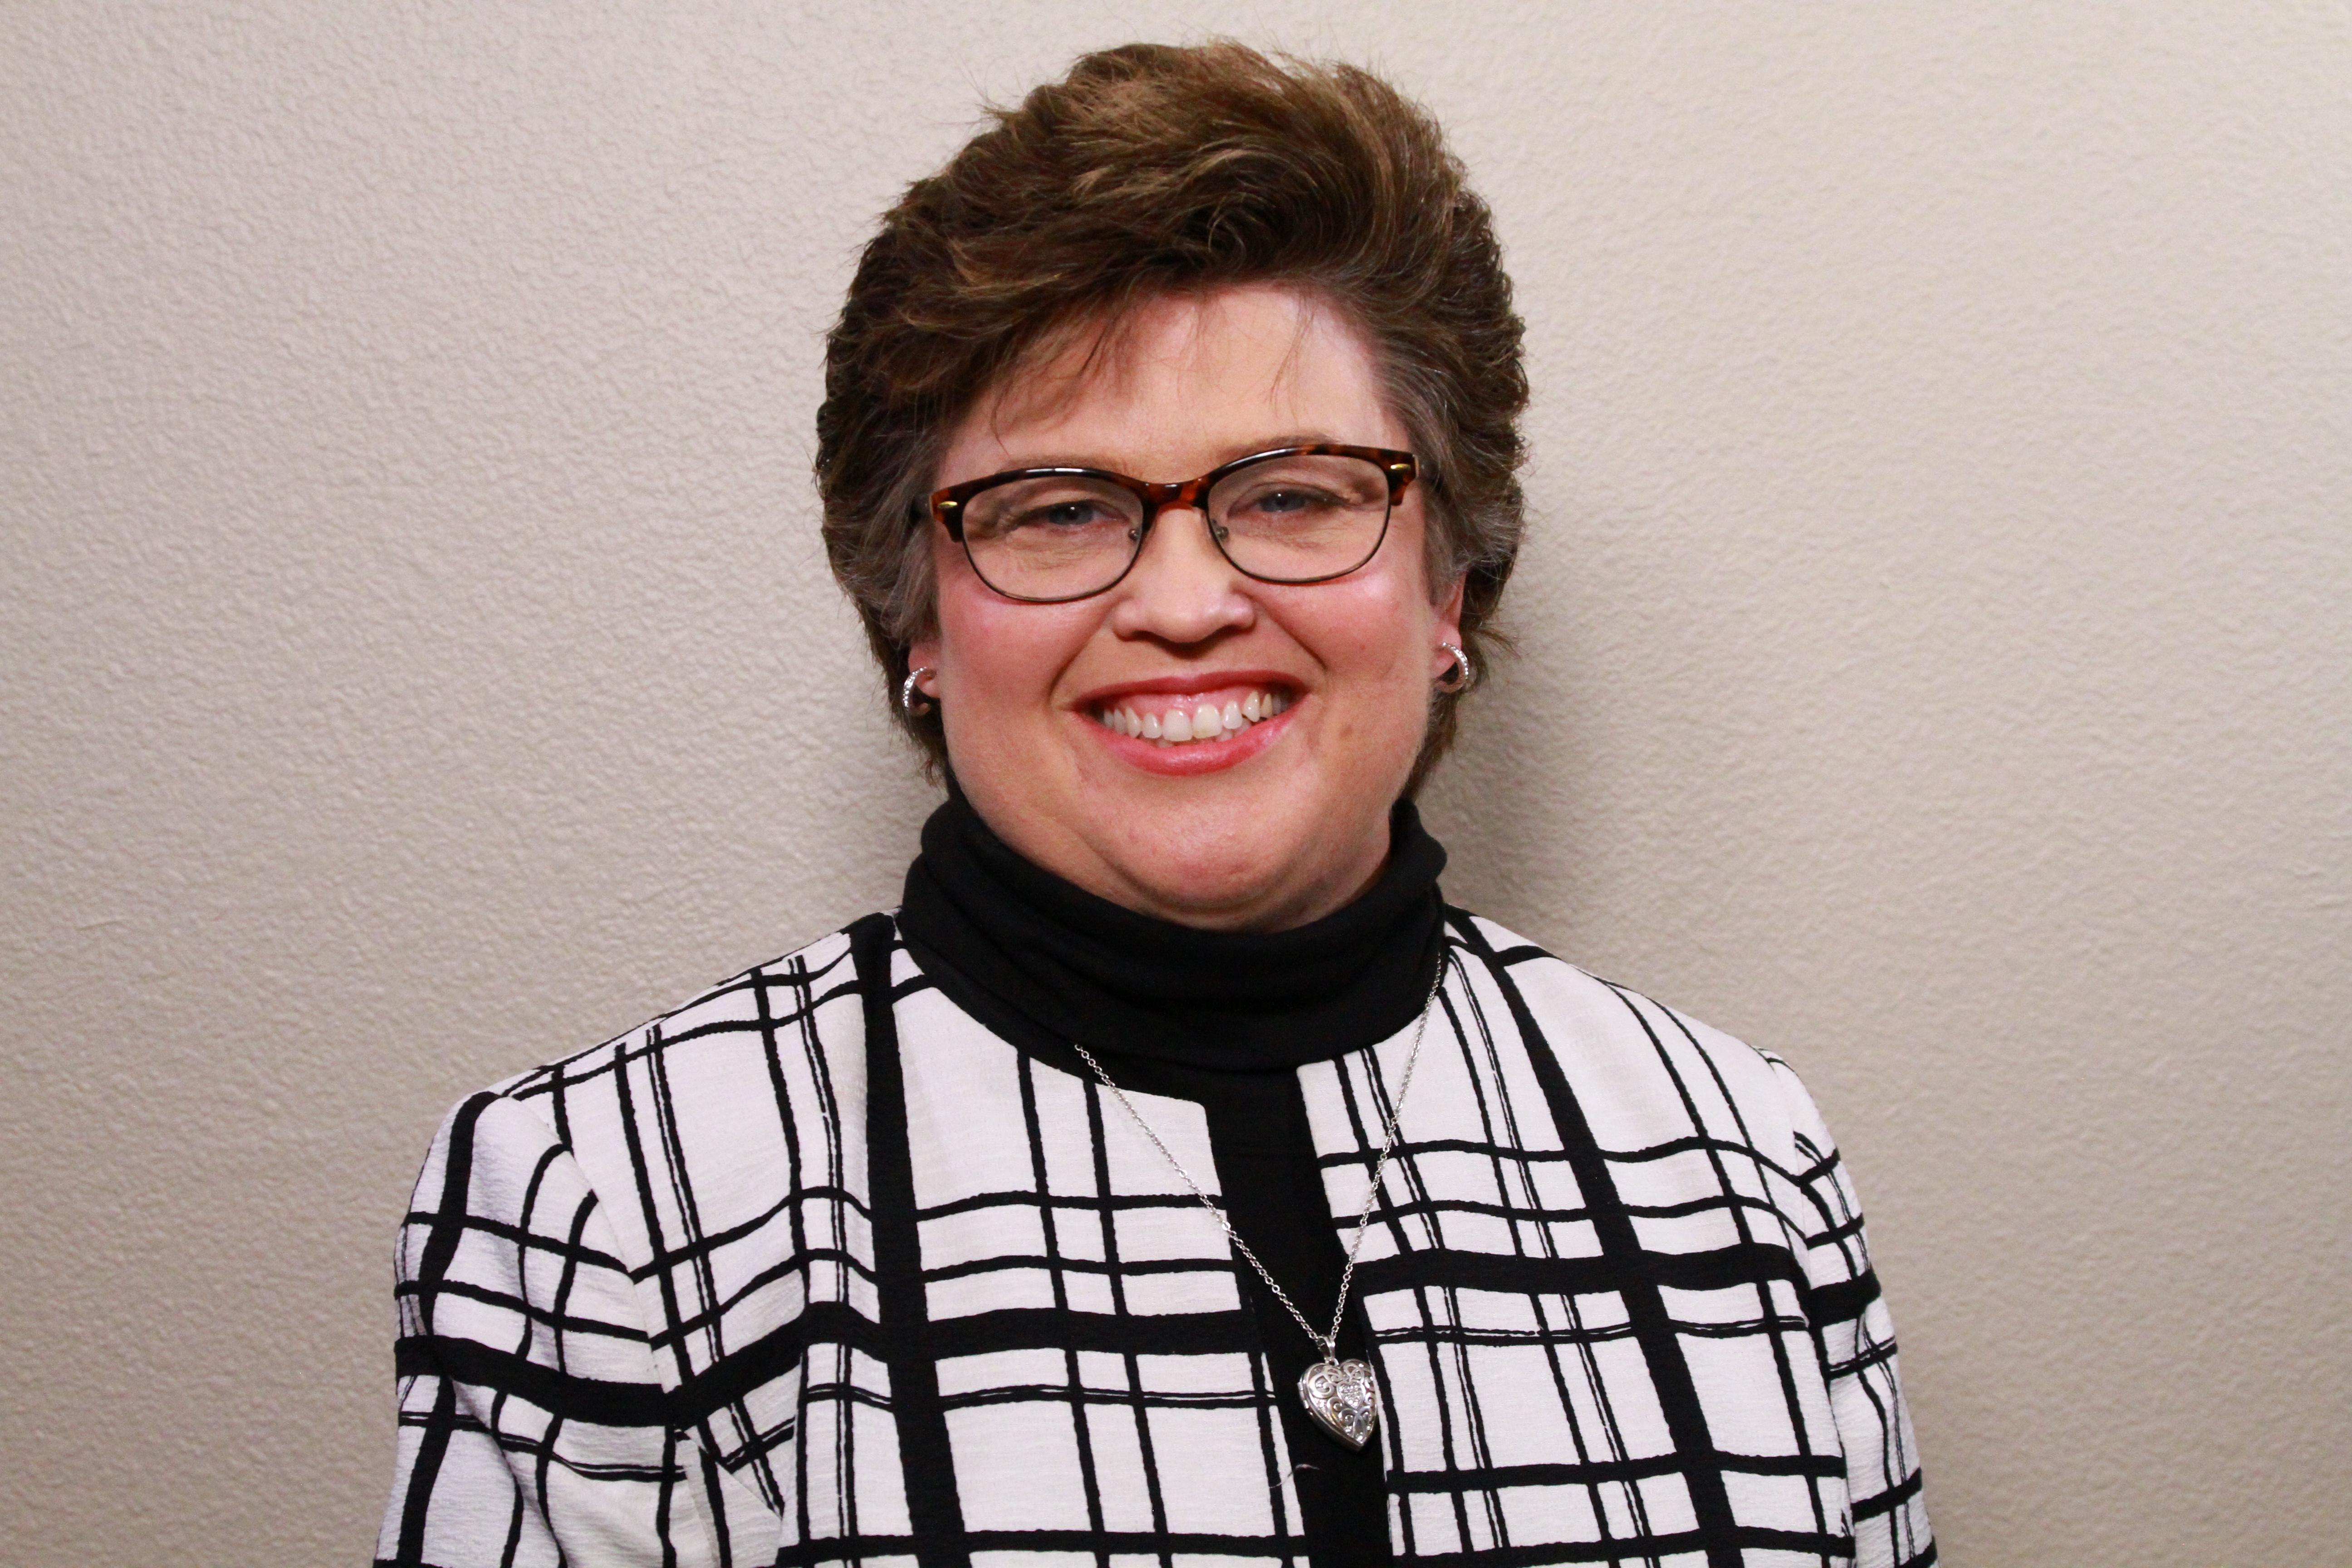 Krista Bontrager